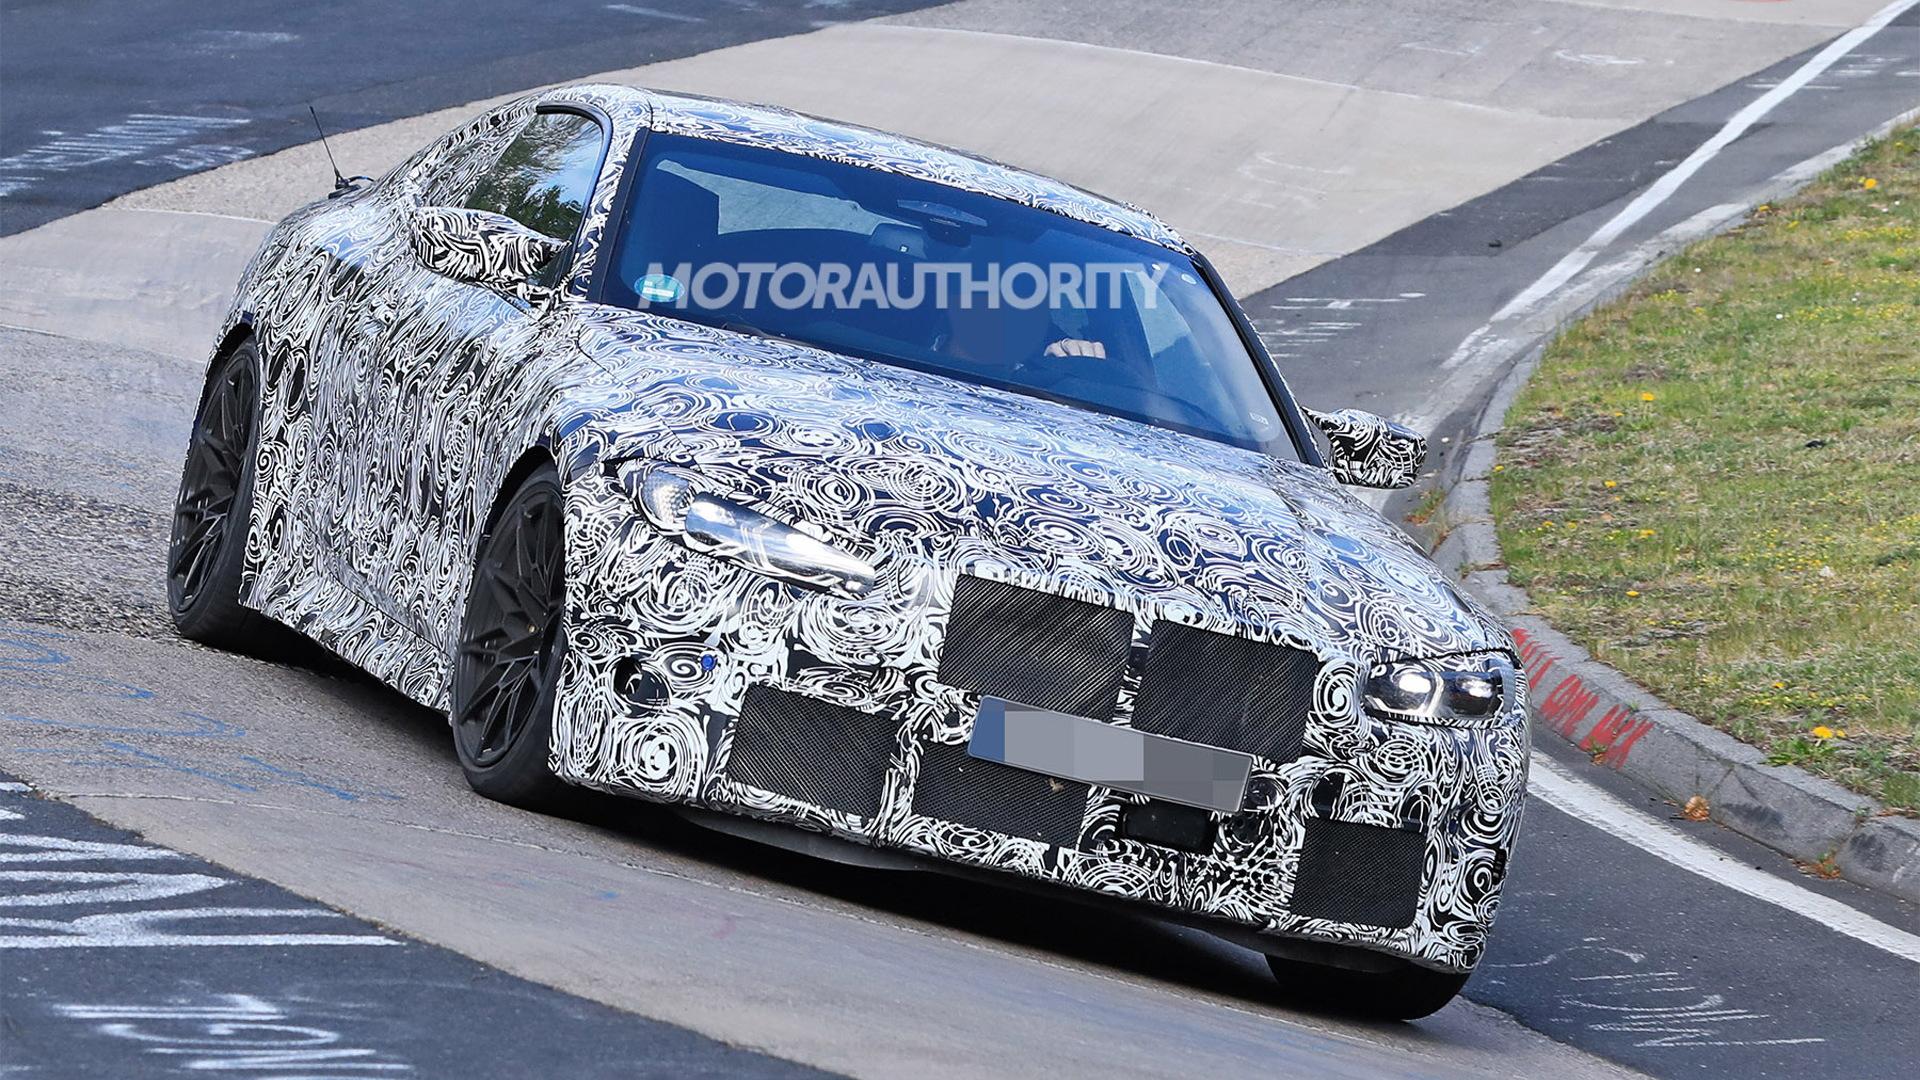 2021 BMW M4 spy shots - Photo credit: S. Baldauf/SB-Medien